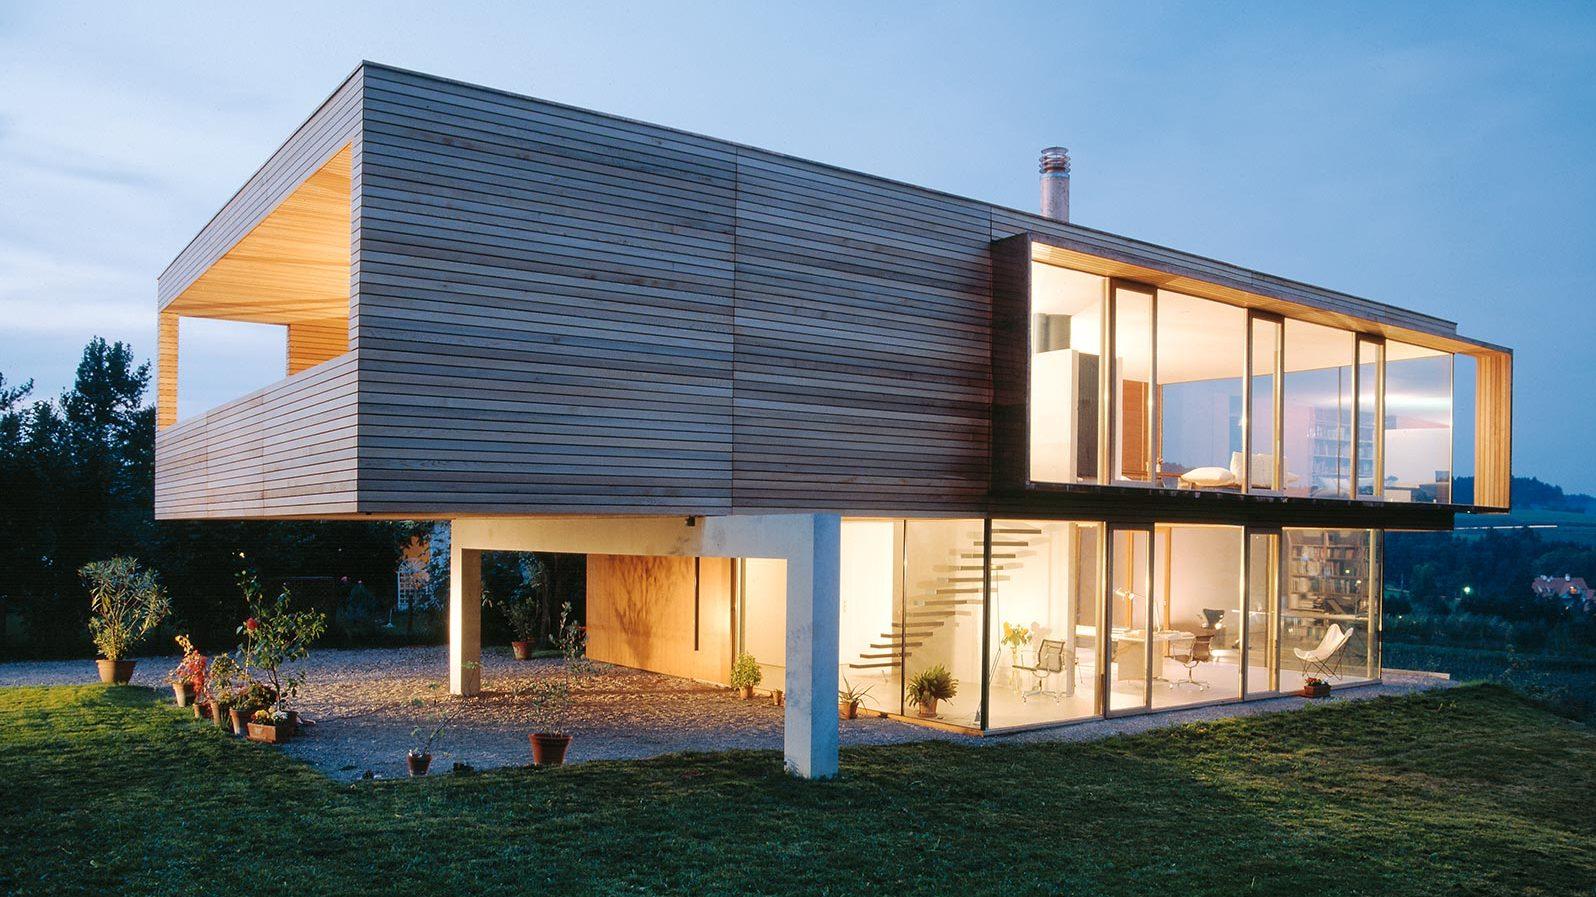 Willkommen K M Architektur Daniel Sauter Architekt